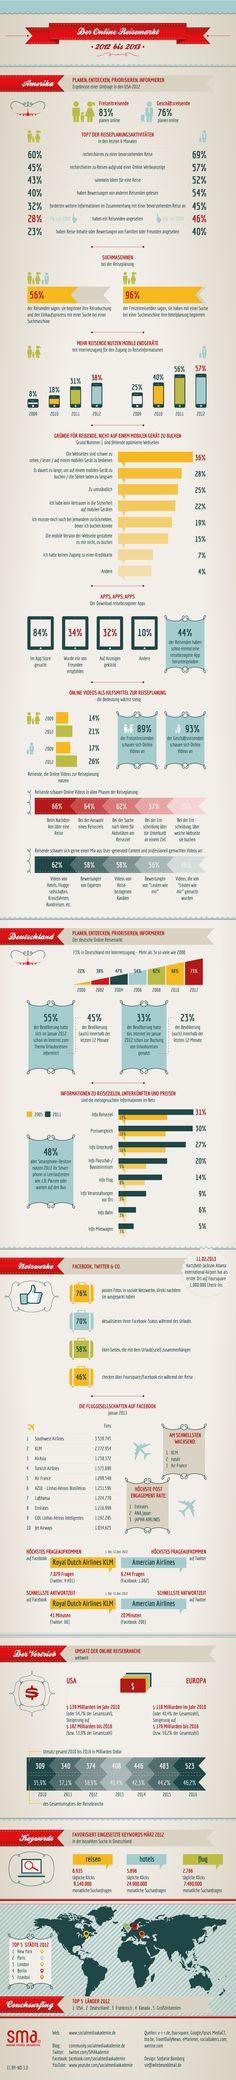 Der-Online-Reisemarkt-2012-2013